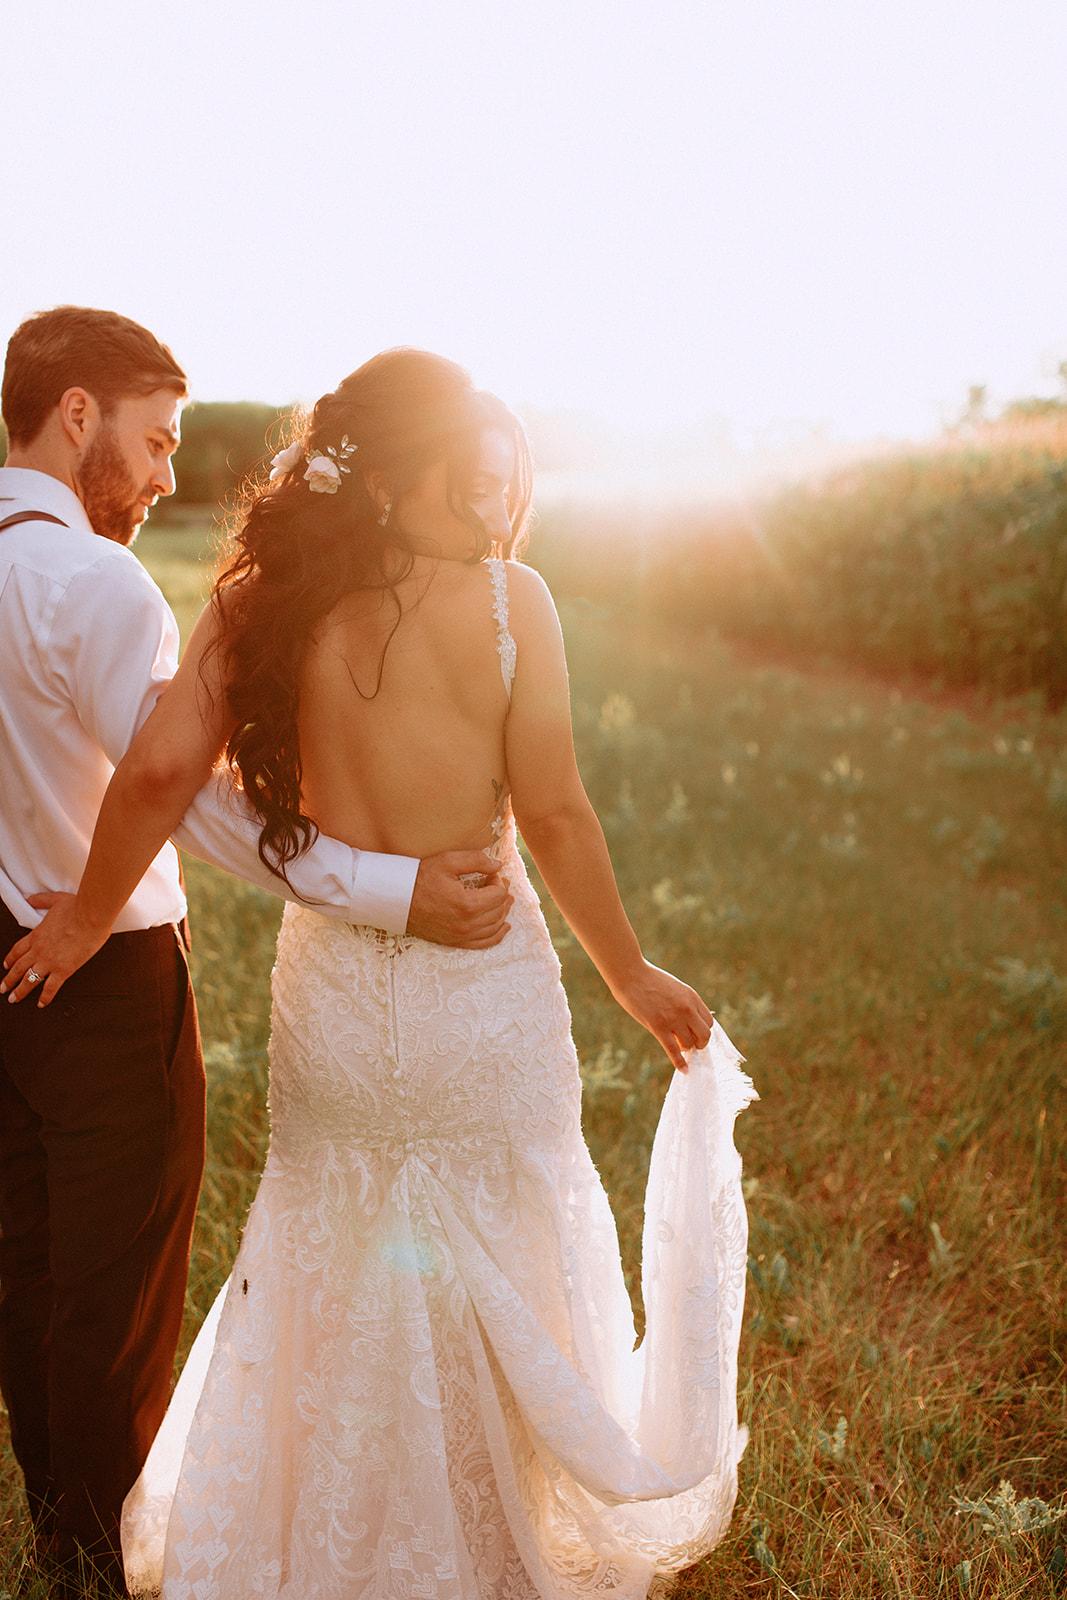 Bride_Groom_88.jpg